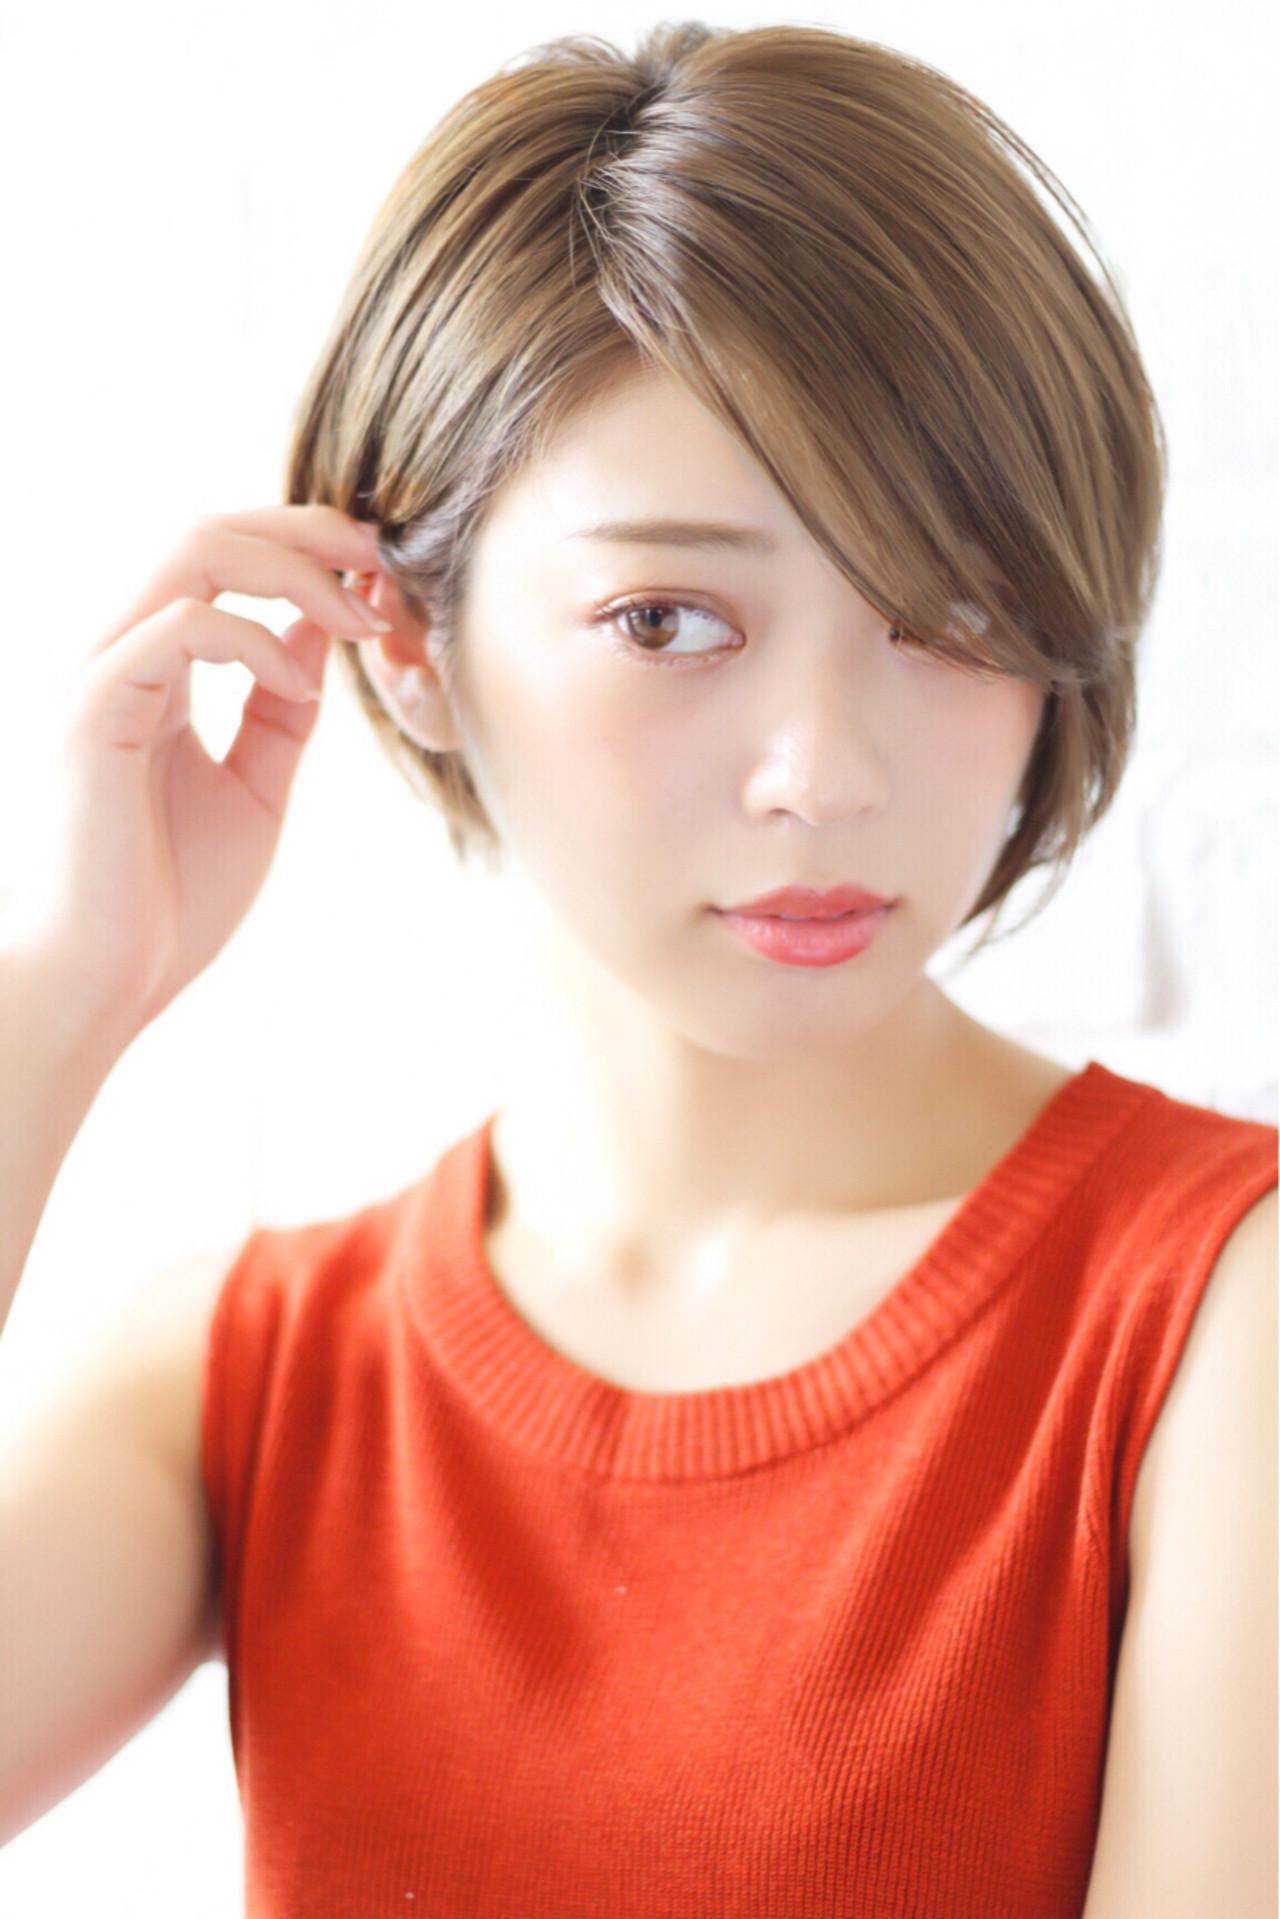 小顔 ナチュラル アッシュ 前髪あり ヘアスタイルや髪型の写真・画像 | 高橋苗 / GARDENharajuku